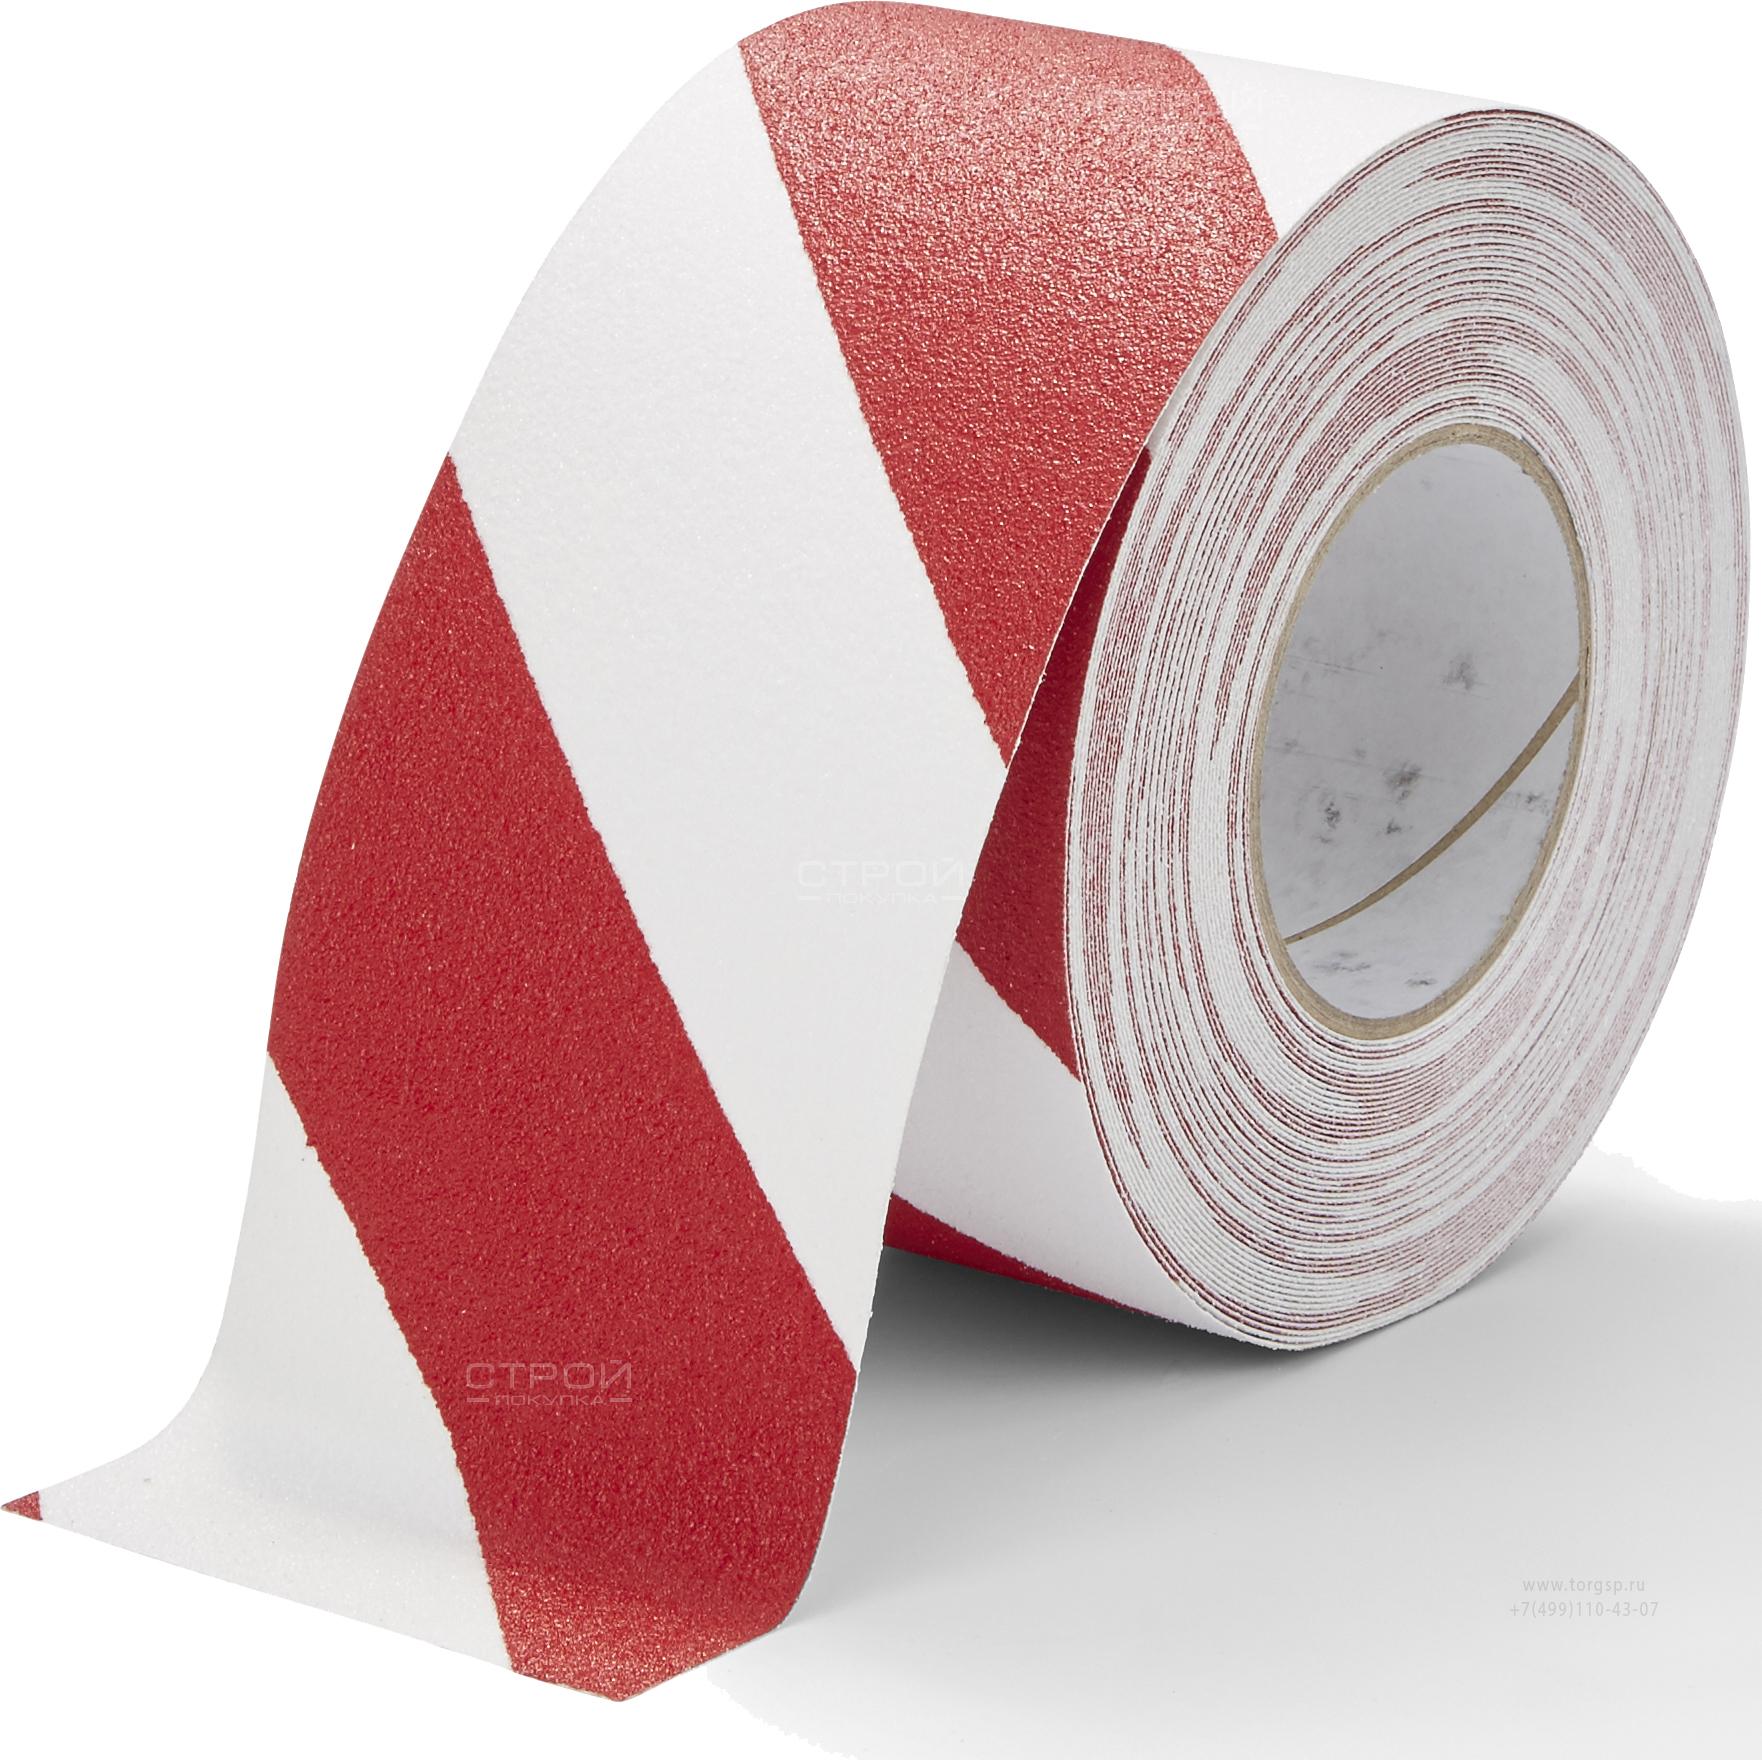 Лента Heskins самоклеющаяся красно-белая с абразивной поверхностью против скольжения, ширина 10 см